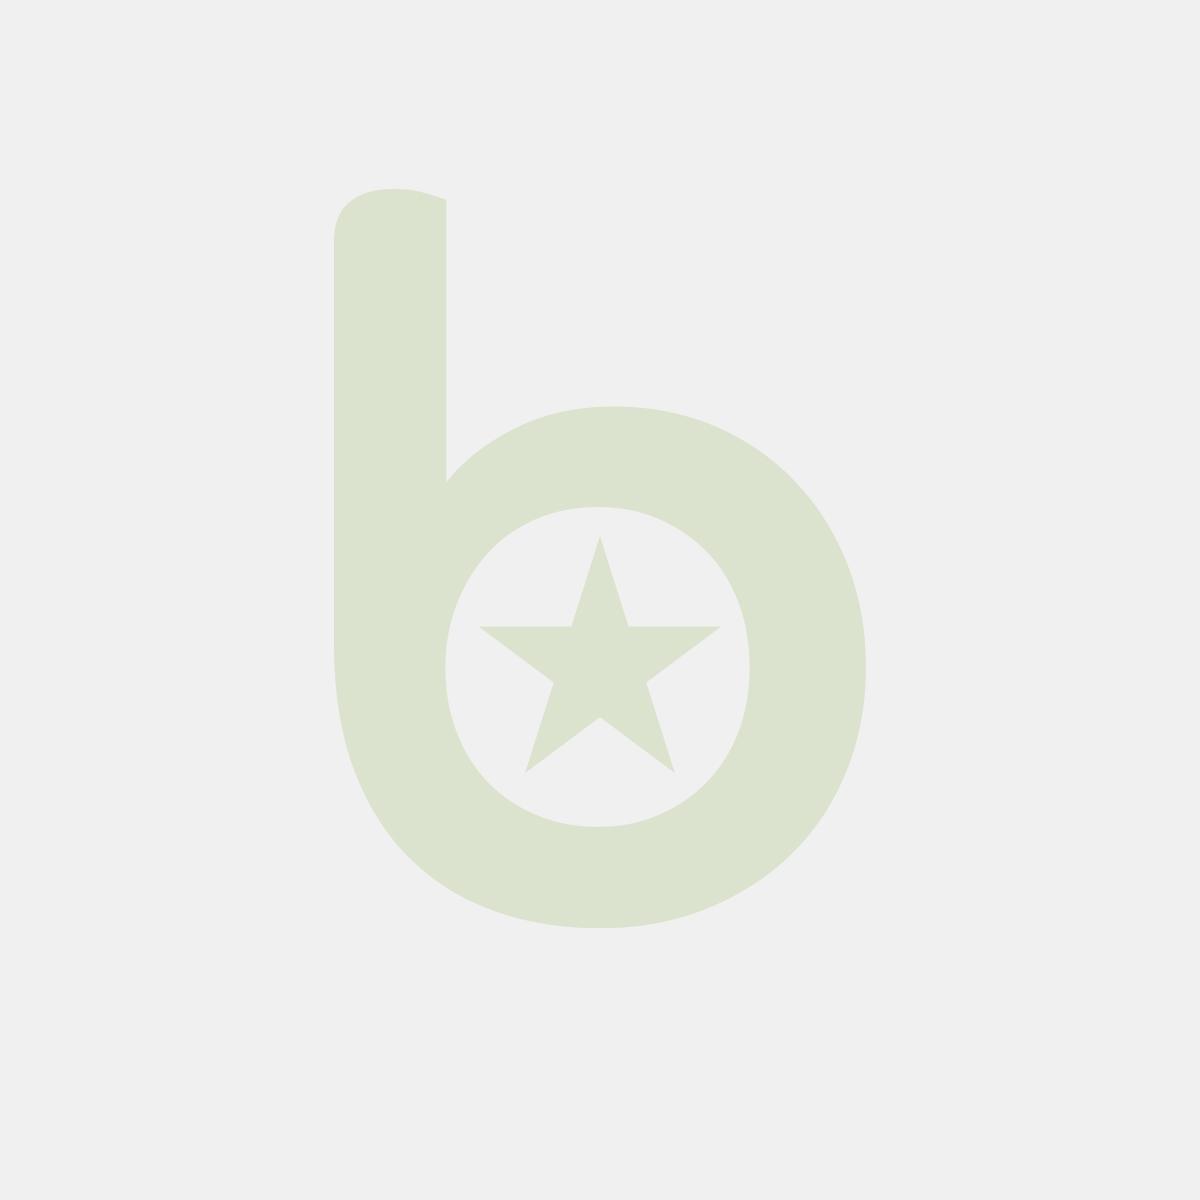 Shaker bostoński 830ml stal nierdzewna AISI 304 i szkło